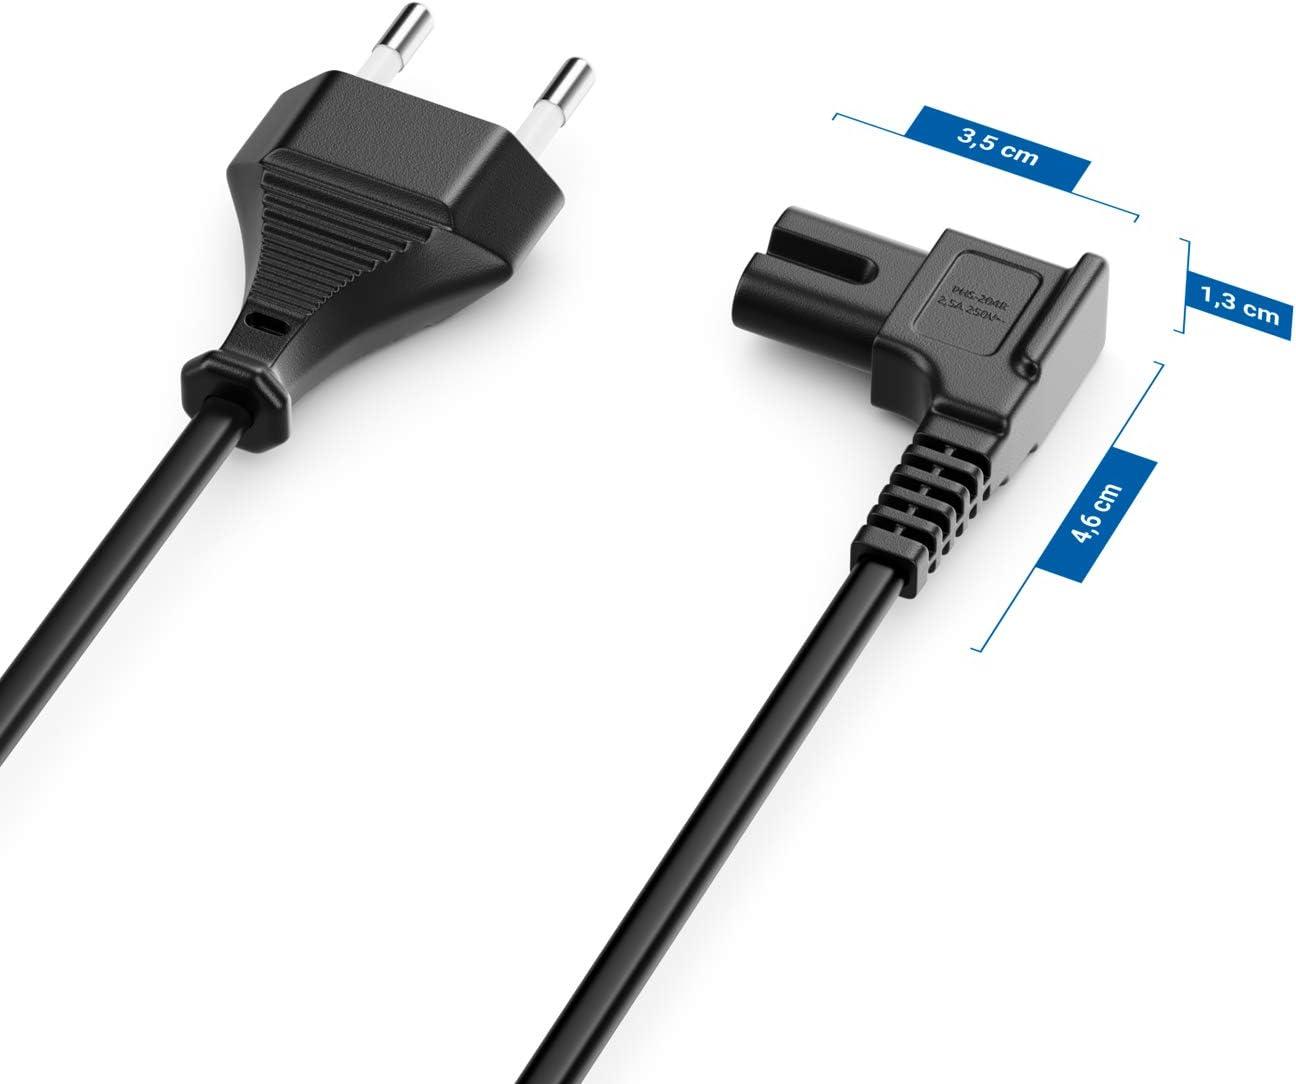 Schwarz deleyCON 5m Netzkabel Stromkabel Strom Kabel Stecker Typ C Eurostecker auf C7 Buchse Euro-Netzkabel Kleinger/ätekabel Euro 8 TV Blu-Ray Haushaltsger/äte Netzteile